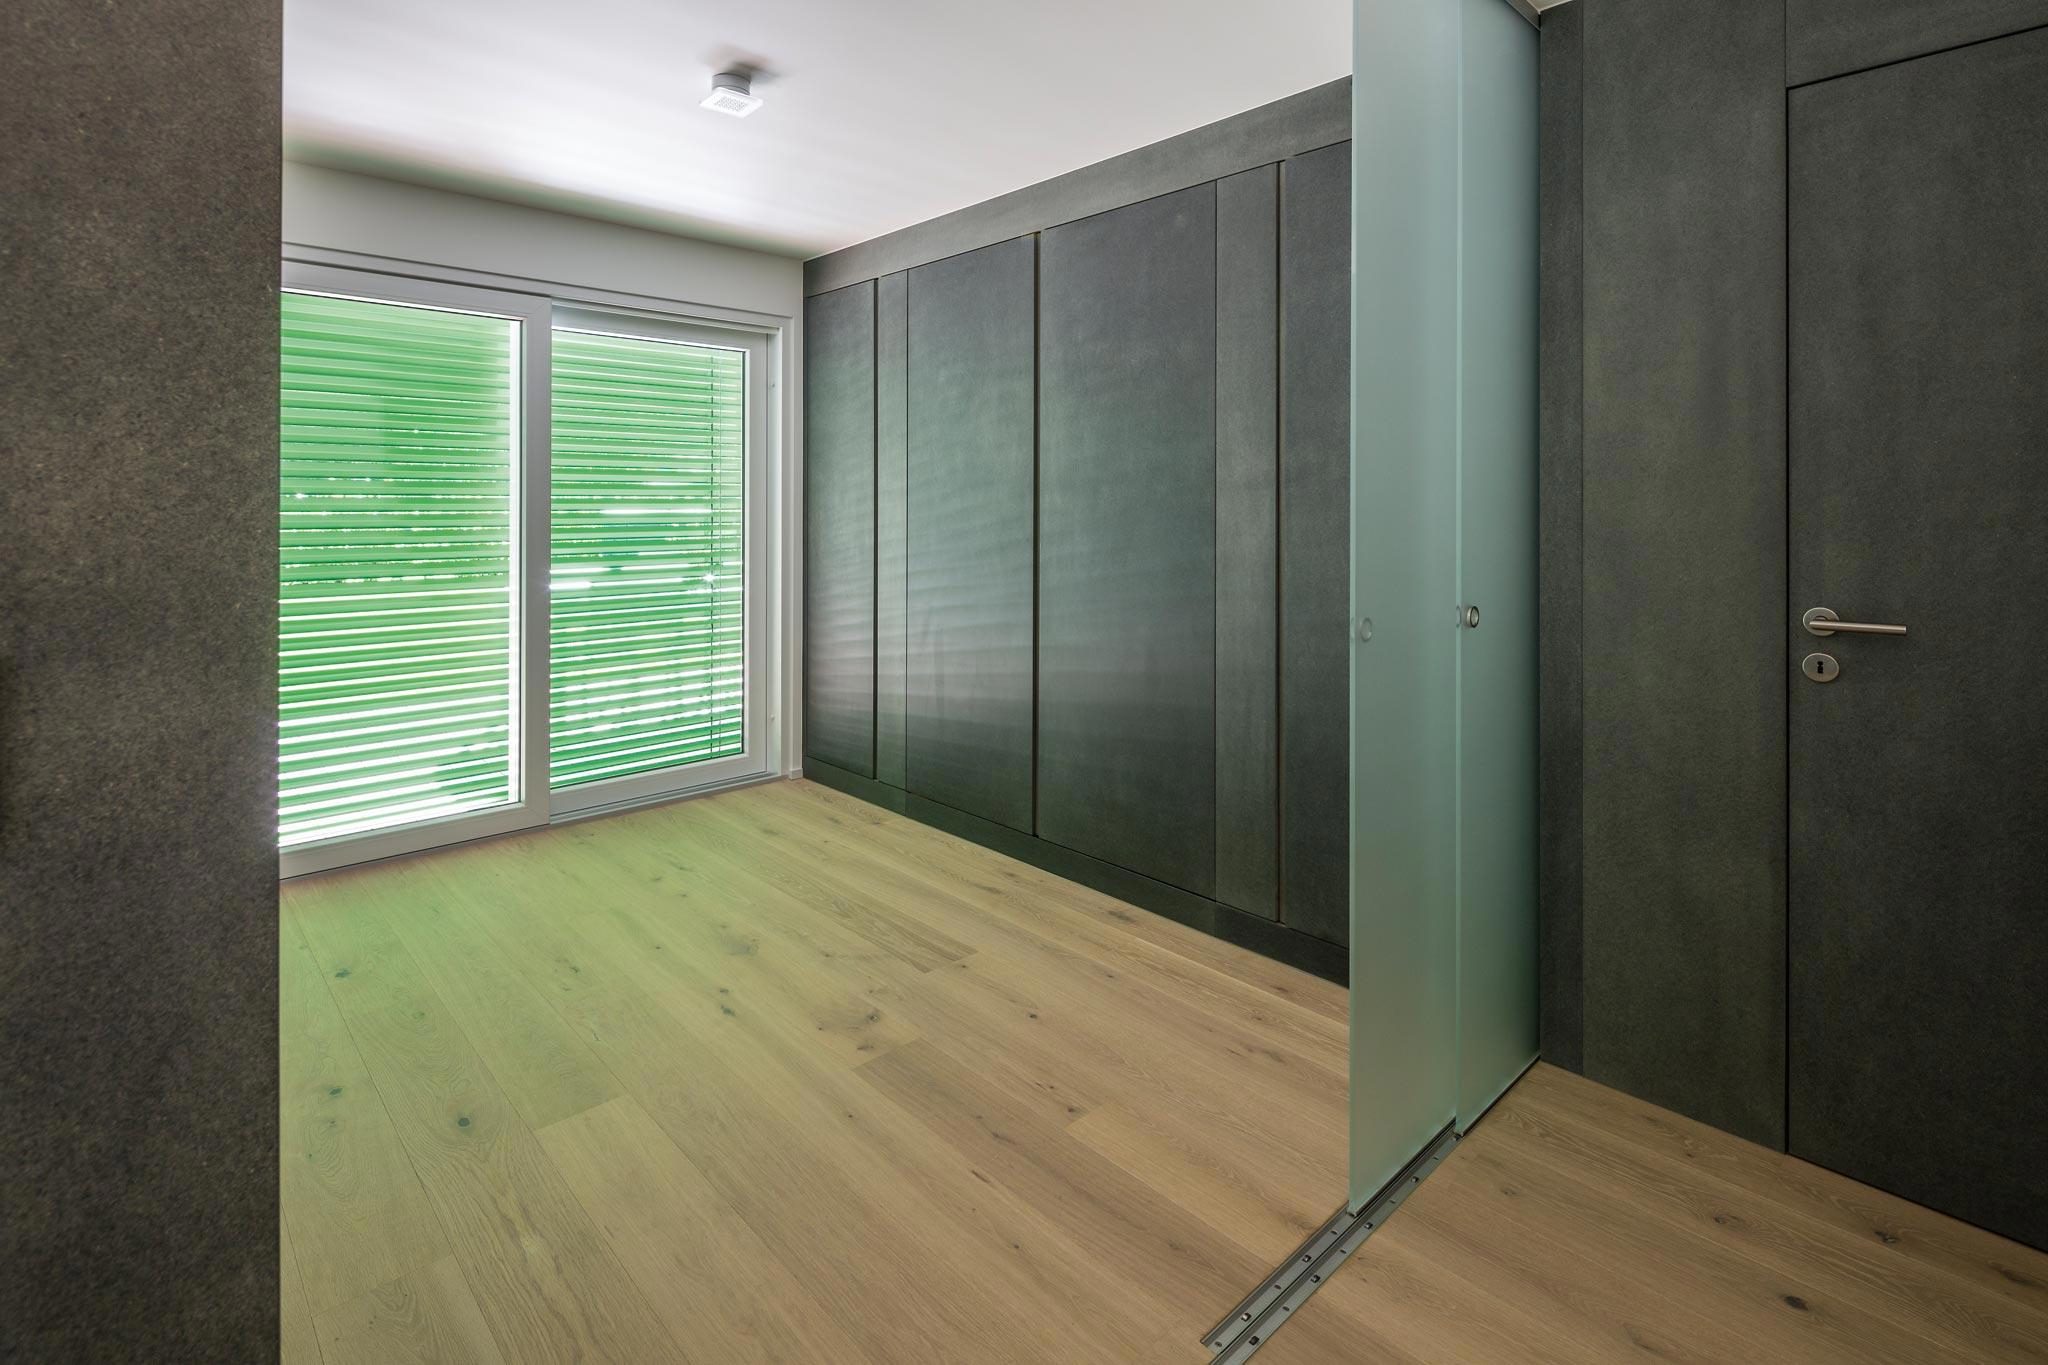 ES Bru 3680 chambre hor 20 05 033 - Une pièce modulable à Fully (Bj)